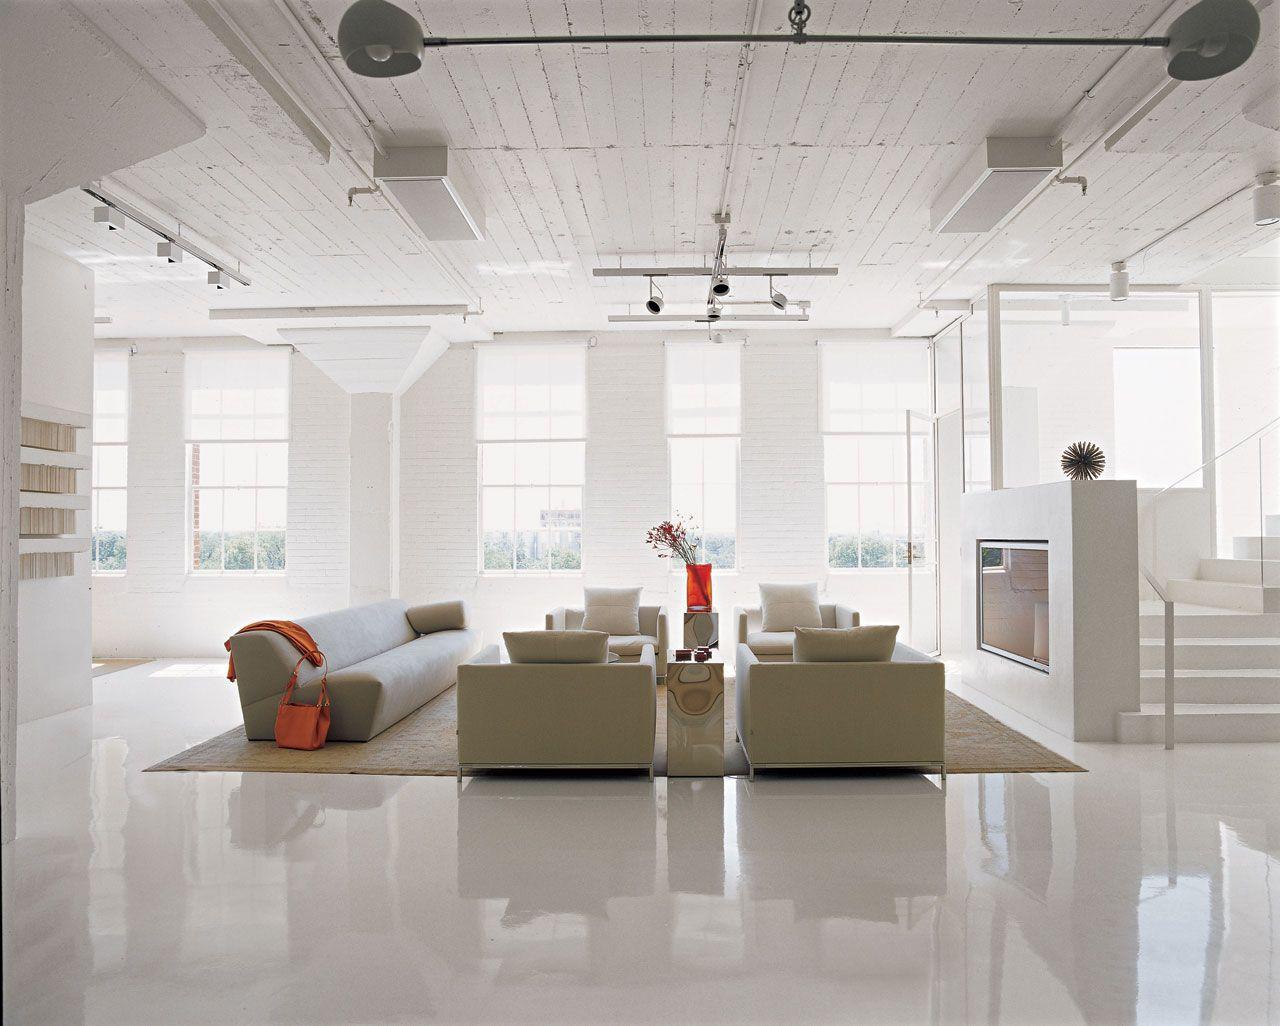 70 moderne innovative luxus interieur ideen frs wohnzimmer weiss ausstattung idee wohnzimmer moebel tisch